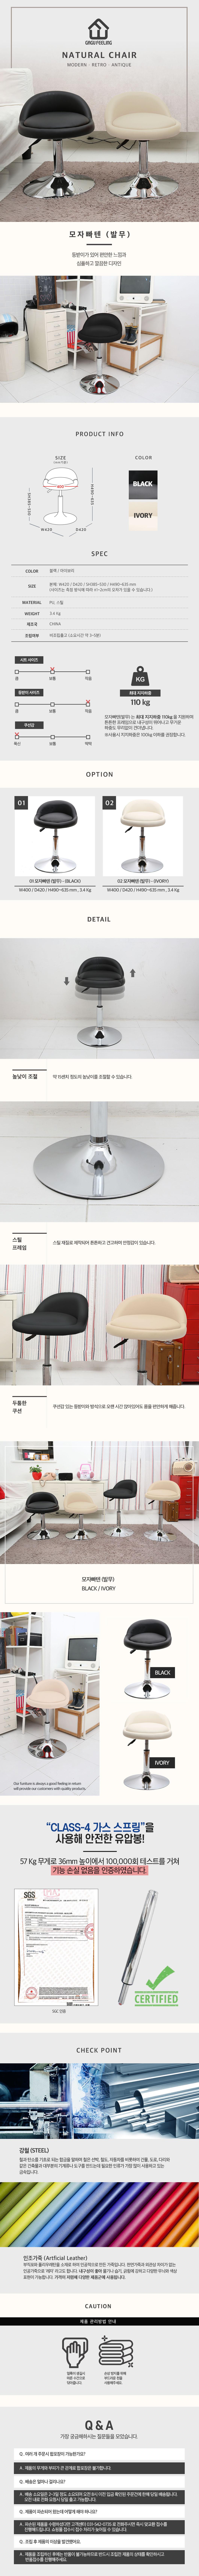 [가구느낌] 모자빠텐(발무) 아일랜드식탁 홈바 바텐의자 - 가구느낌, 26,900원, 디자인 의자, 바의자